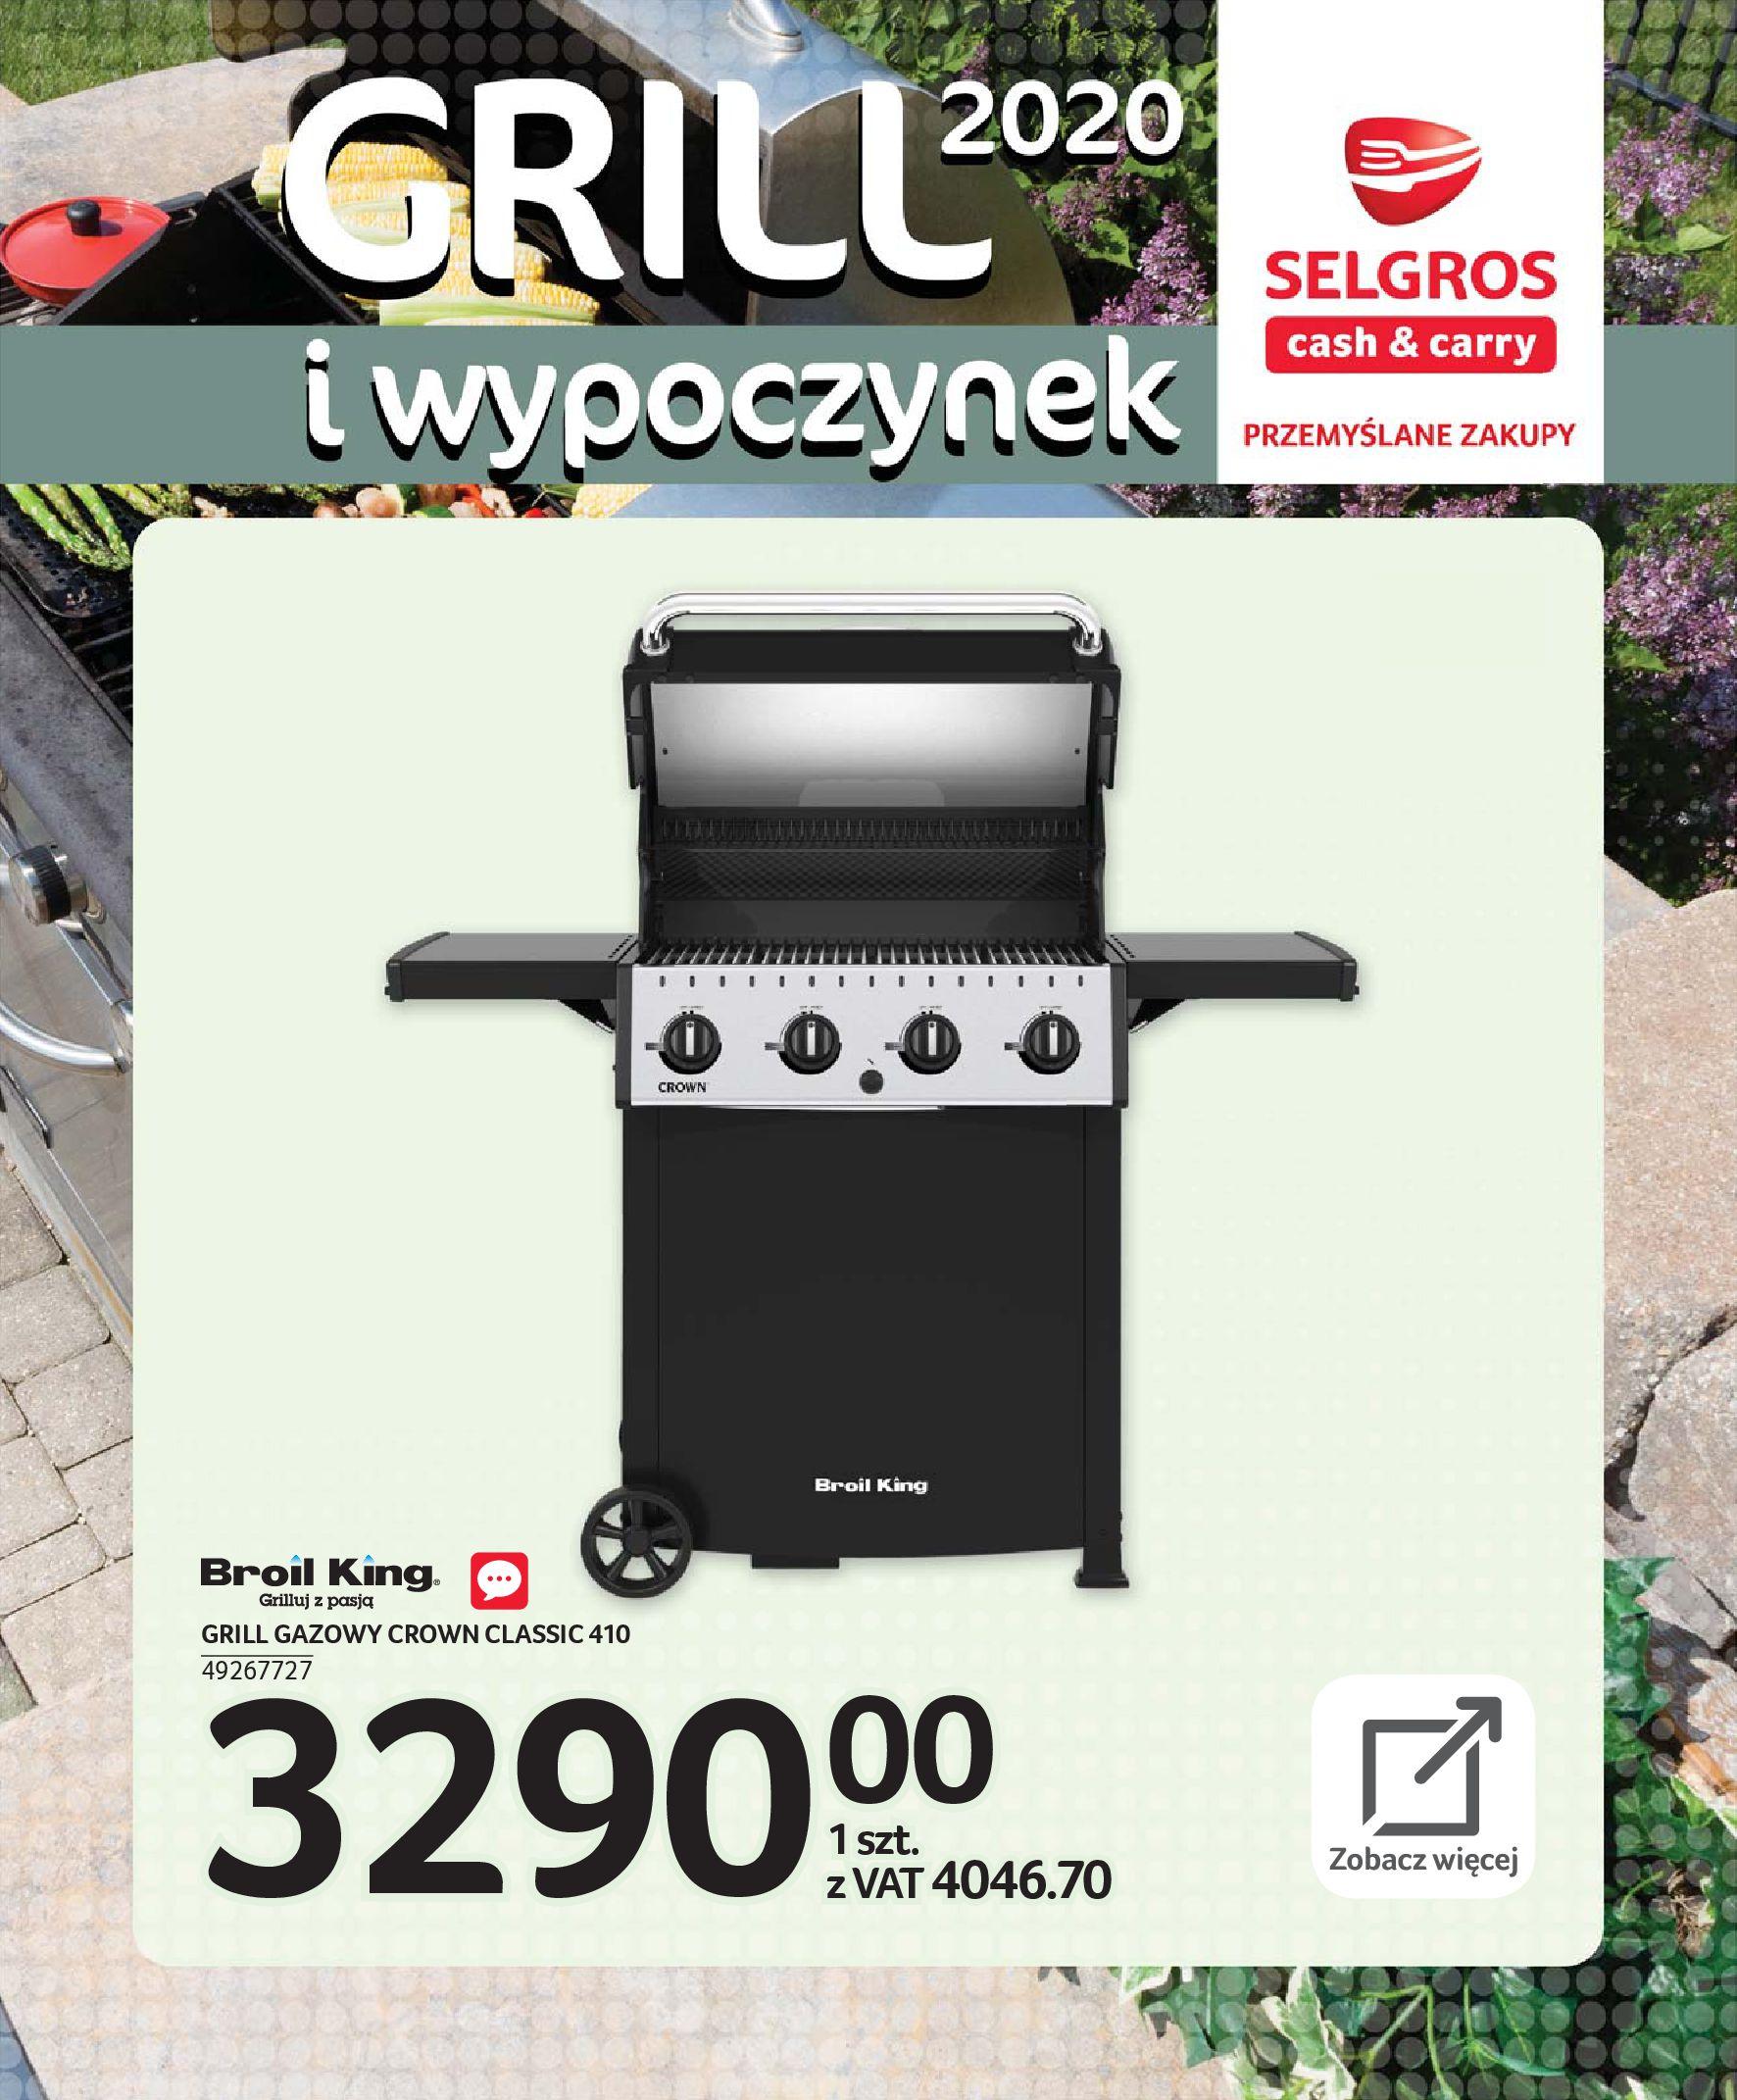 Gazetka Selgros - Katalog - Grill i wypoczynek-31.03.2020-31.08.2020-page-45